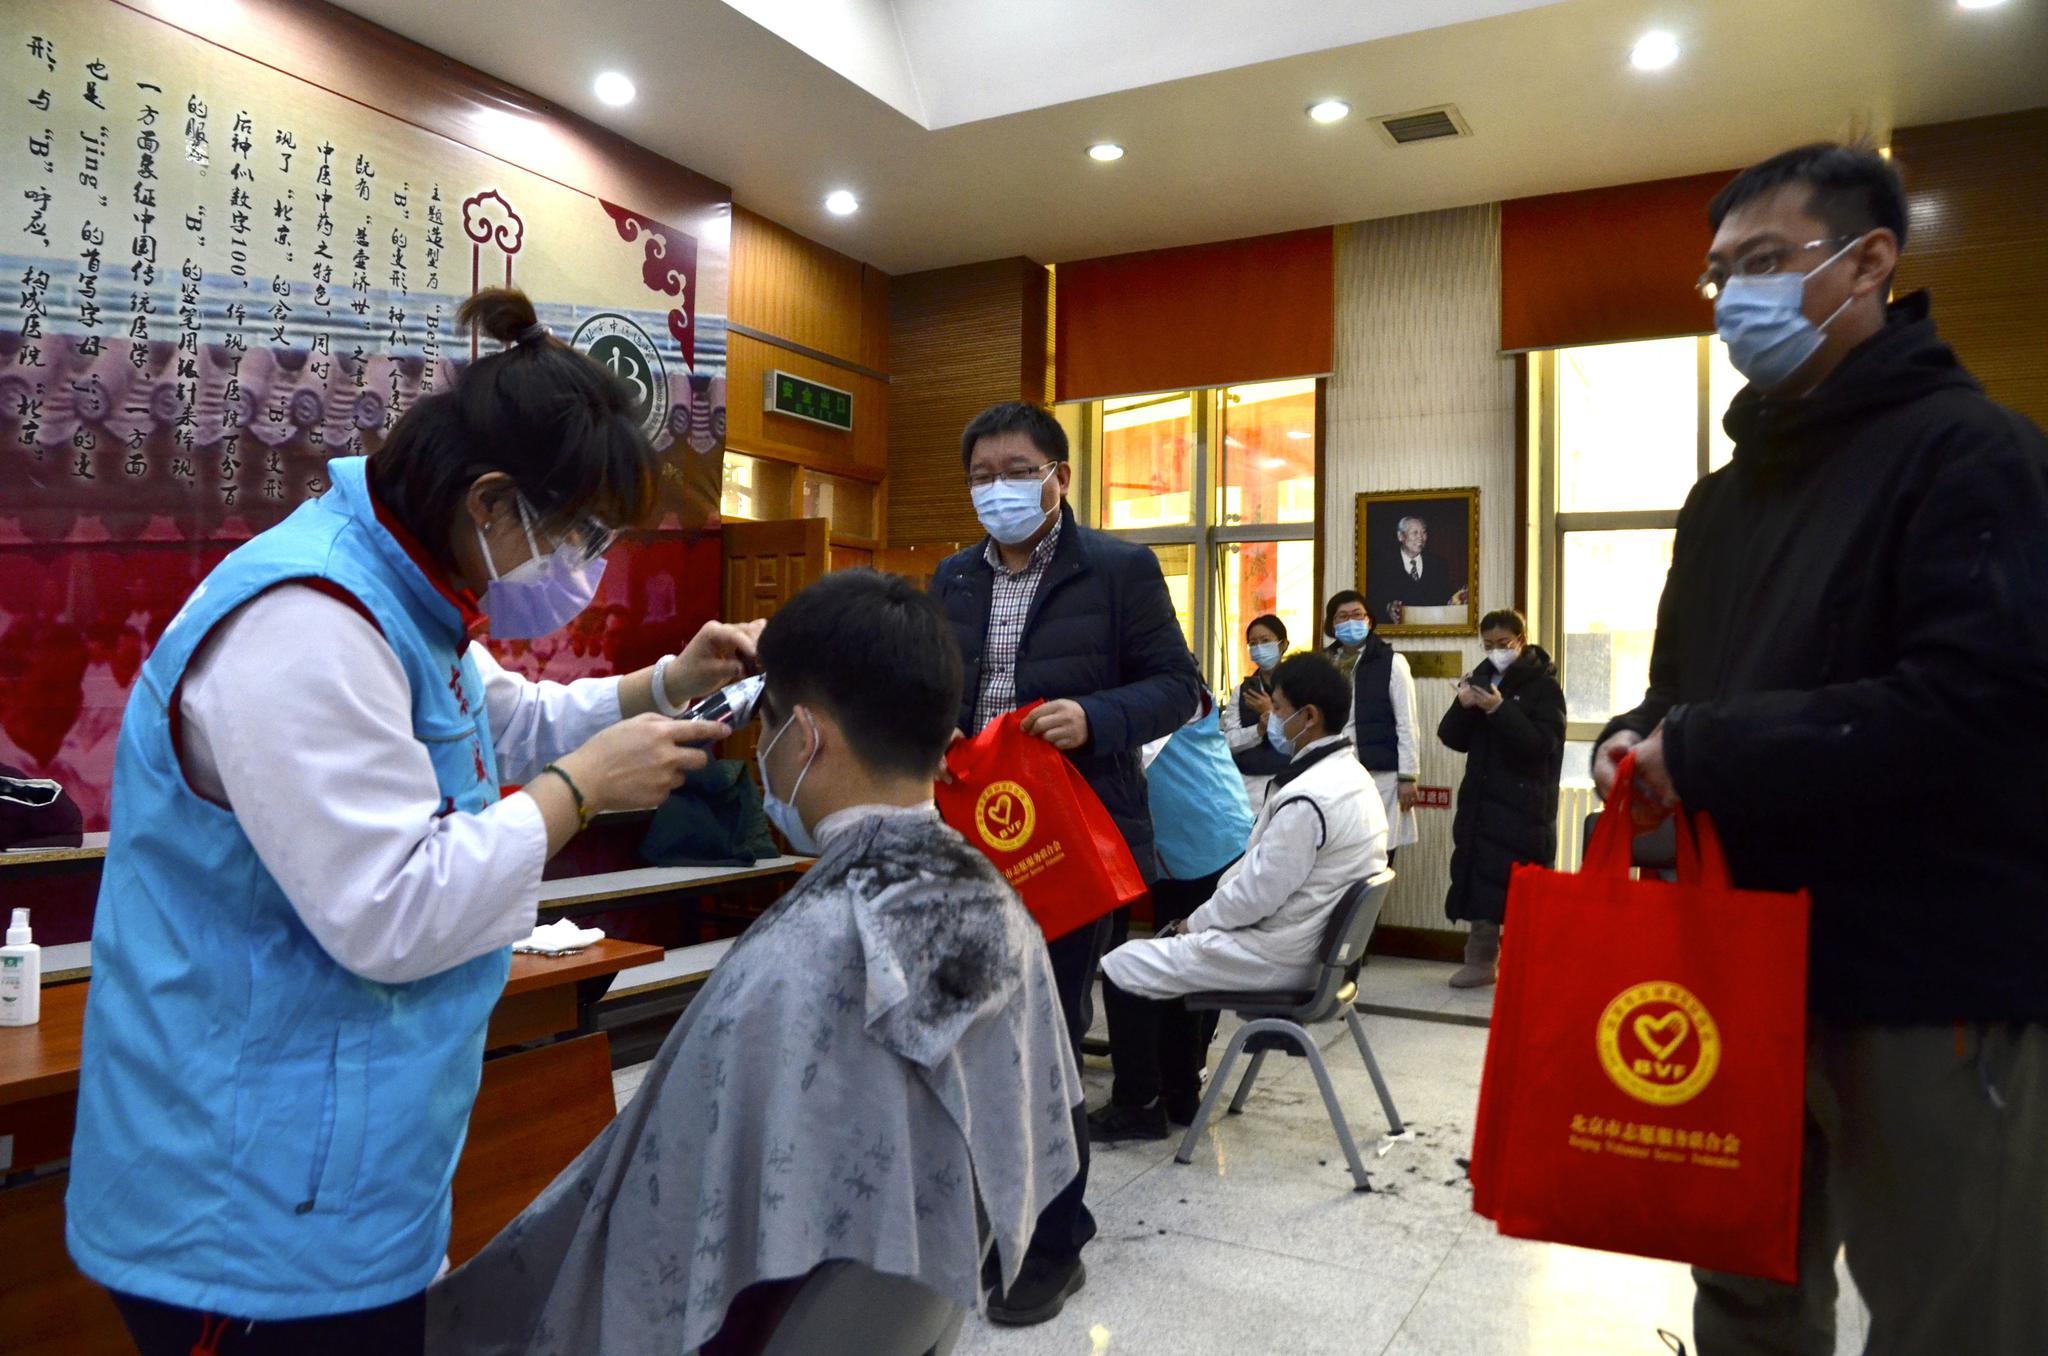 北京复工美发门店增至175家,为一线人员义剪超30场图片